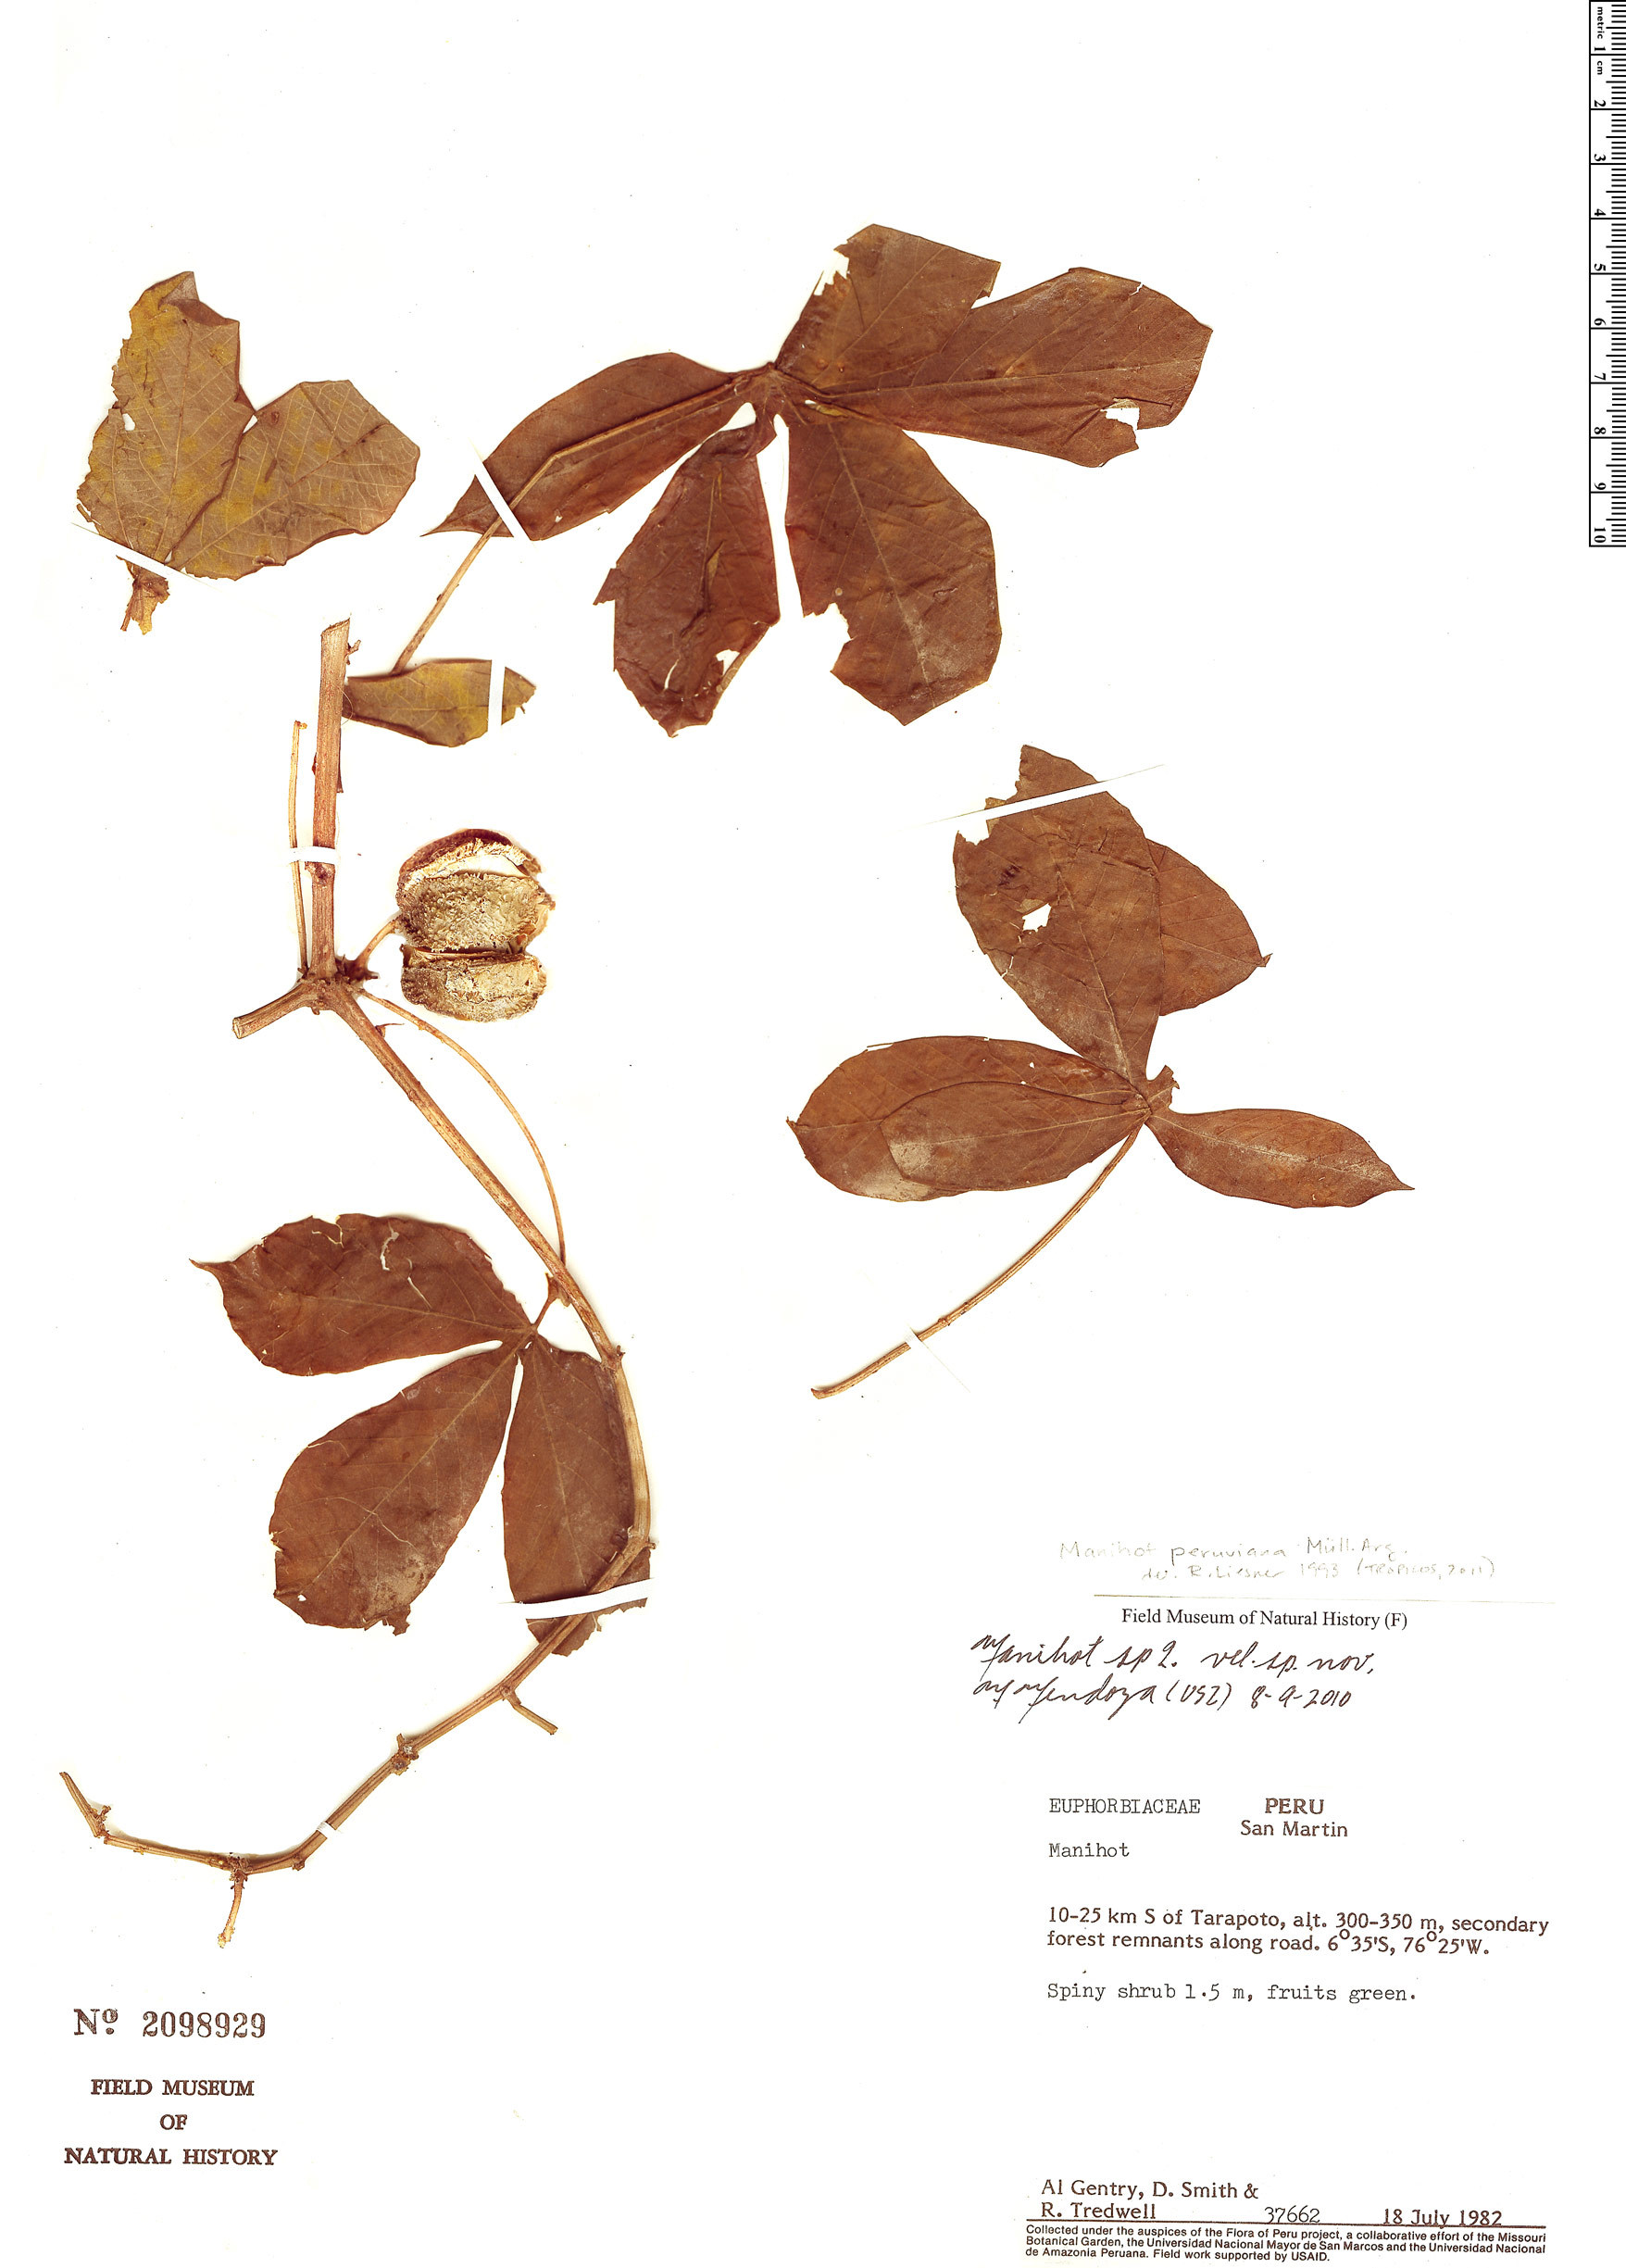 Specimen: Manihot peruviana